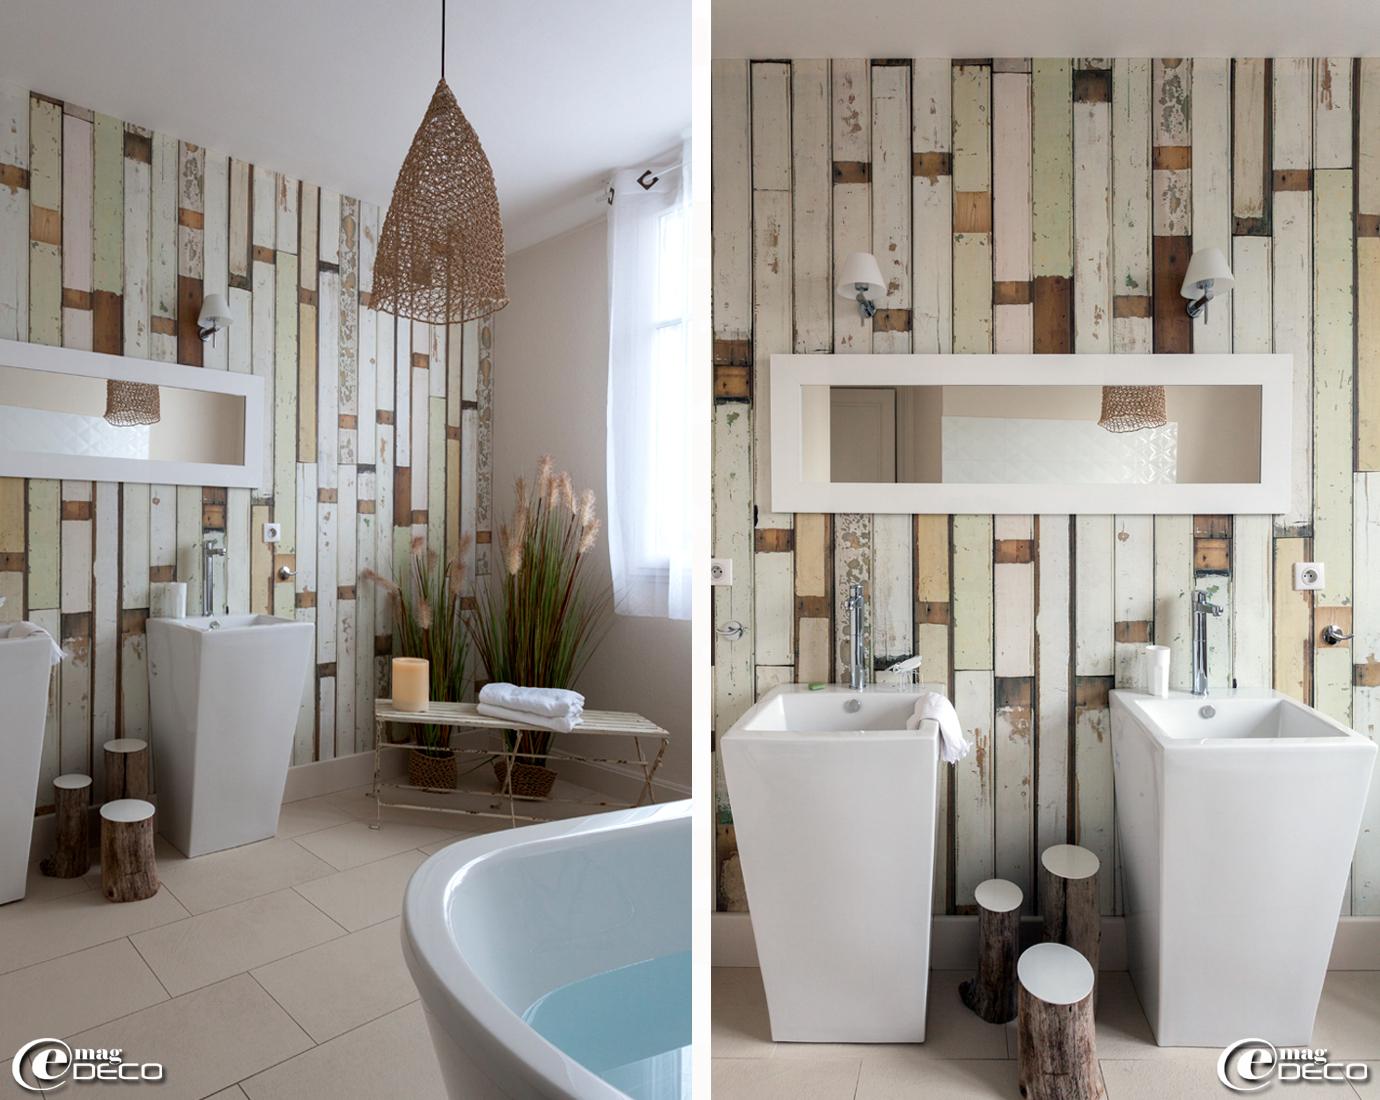 Applique salle de bain castorama – lombards